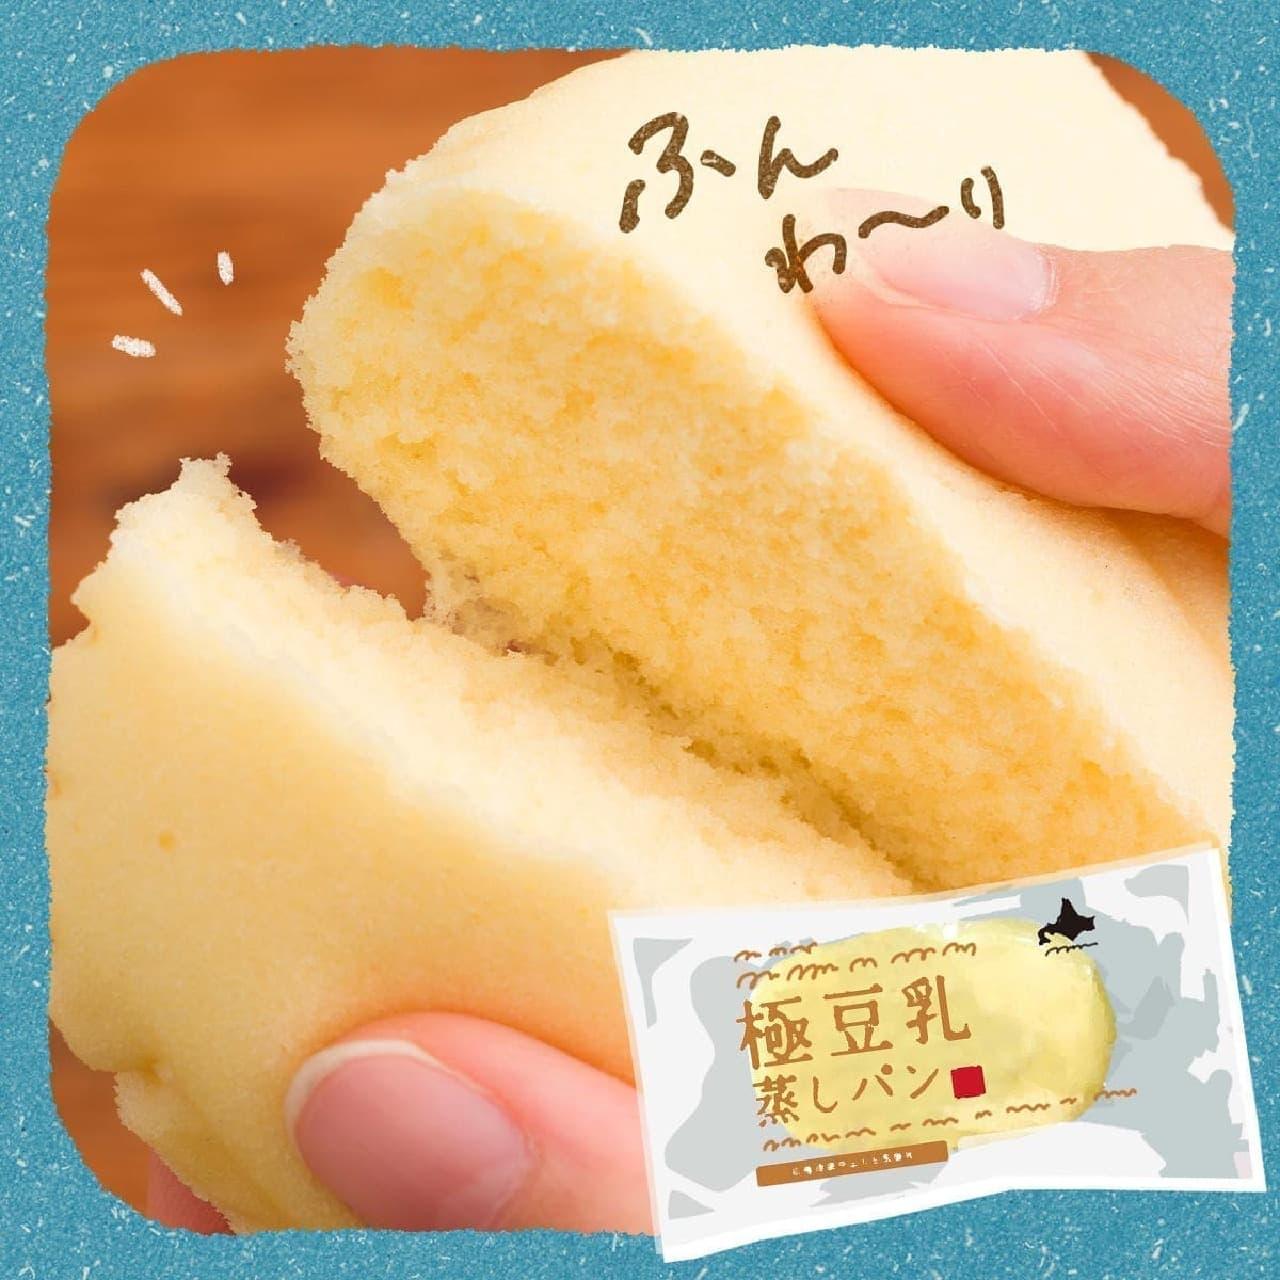 カルディ「もへじ北海道から 北海道産大豆の豆乳でつくった極豆乳蒸しパン」